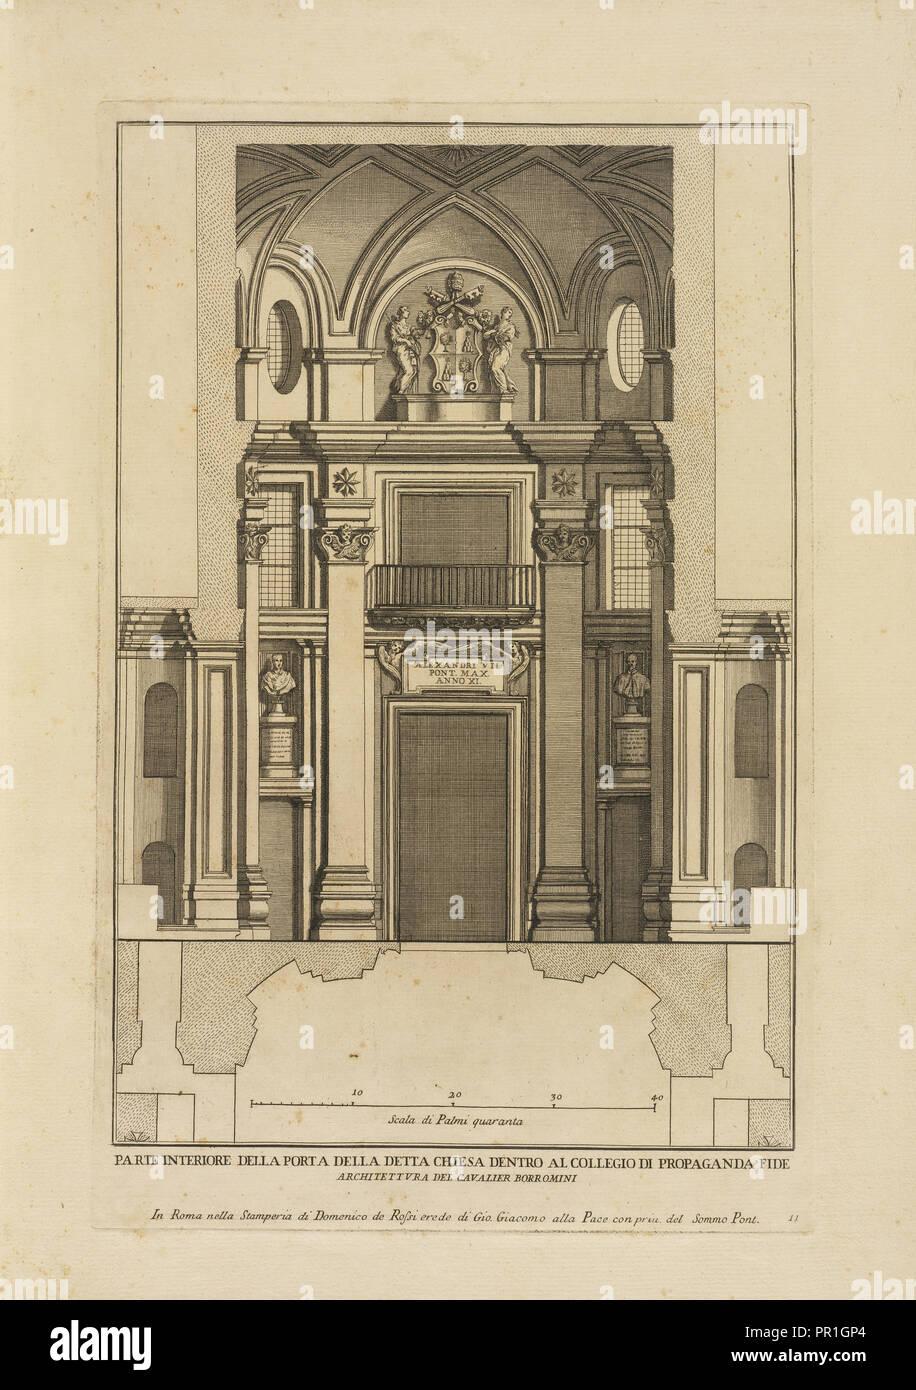 Parte interiore della porta della detta chiesa dentro al Collegio di Propaganda Fide, Stvdio d'architettvra civile sopra Immagini Stock